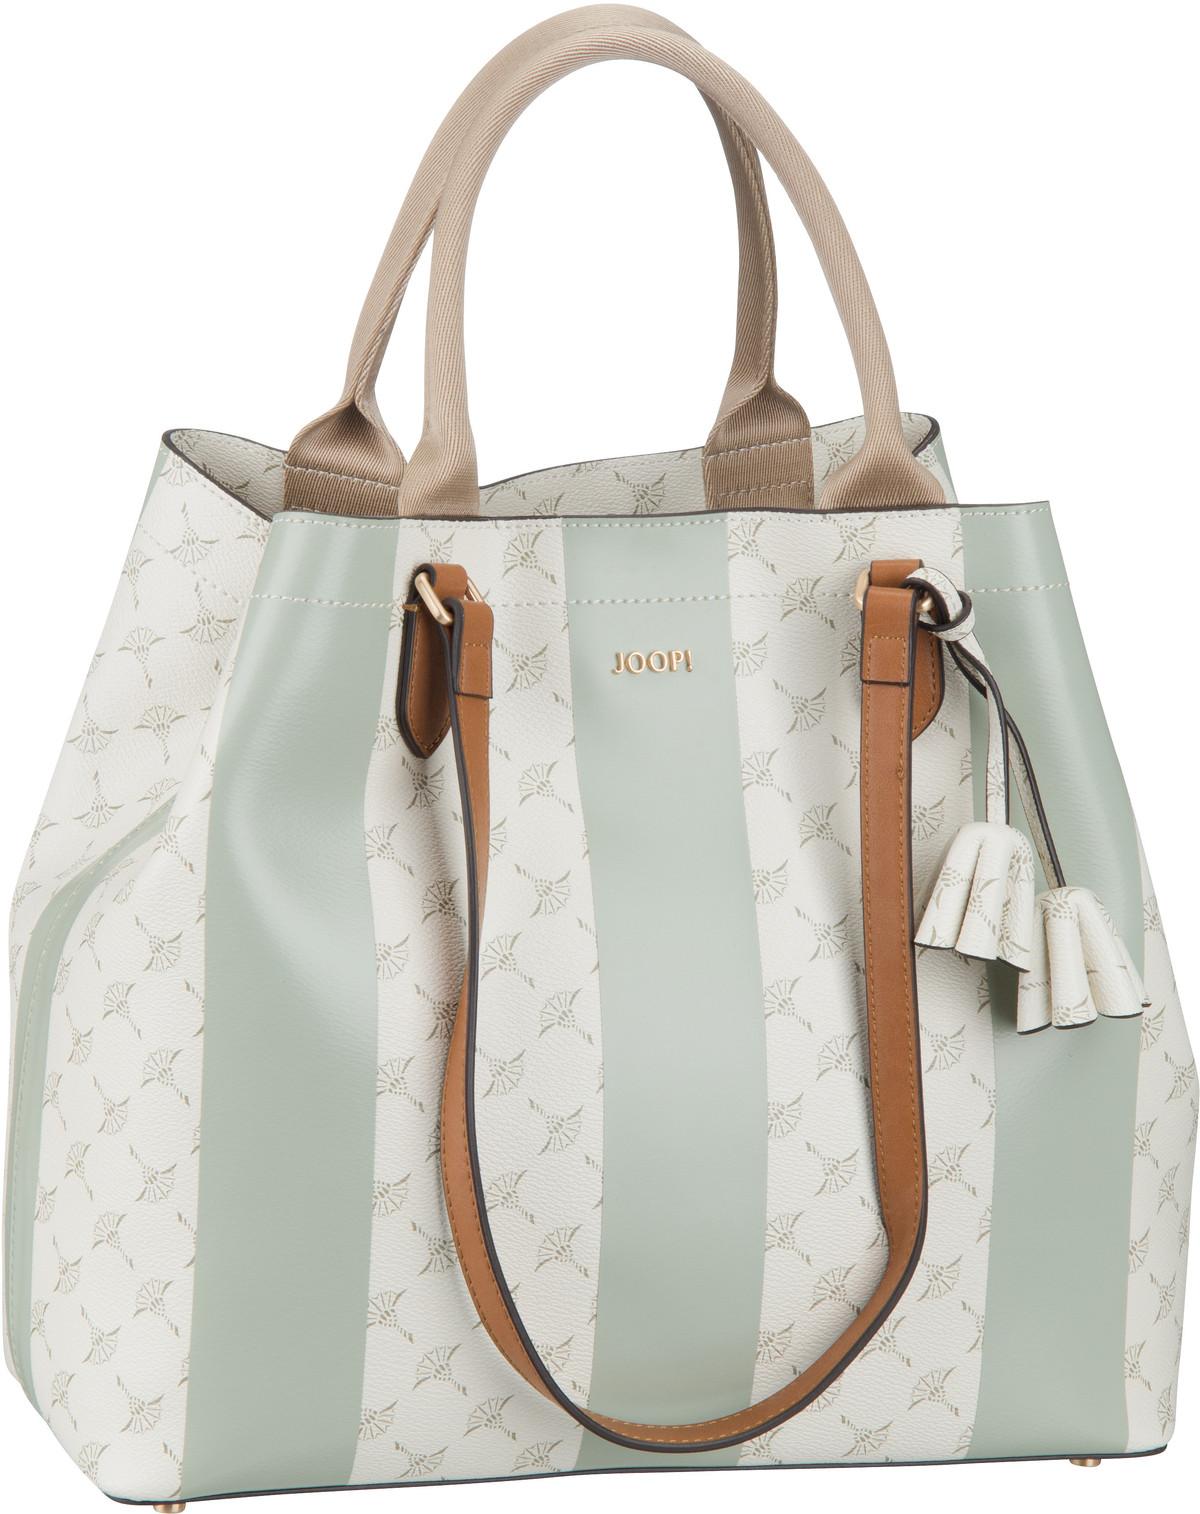 Handtasche Cortina Uno Sara Shopper LHO Mint